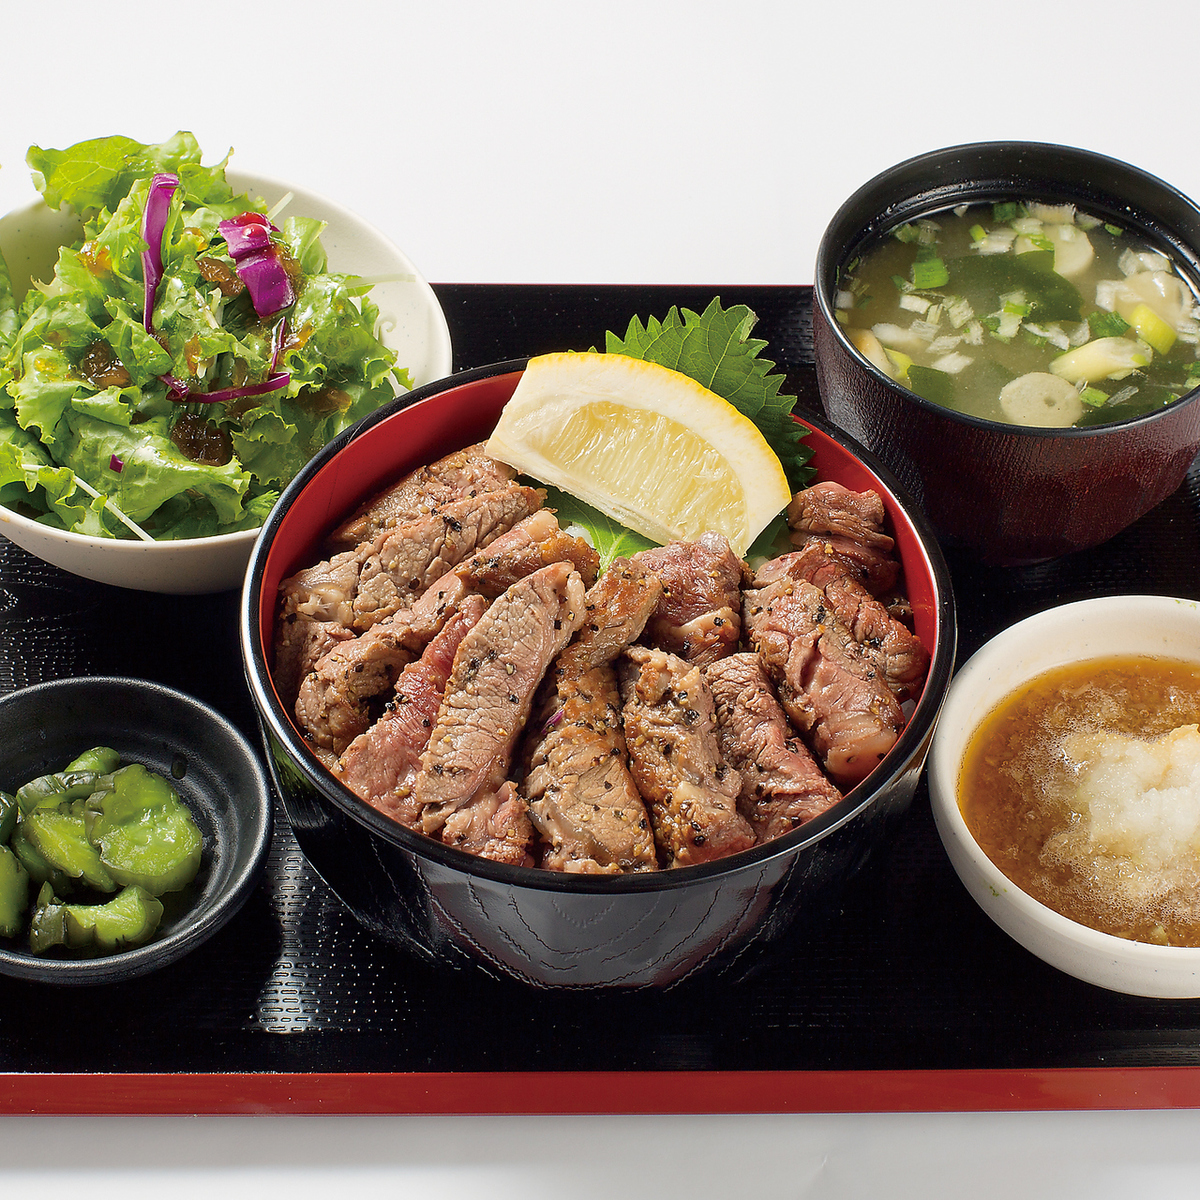 쇠고기 스테이크 덮밥